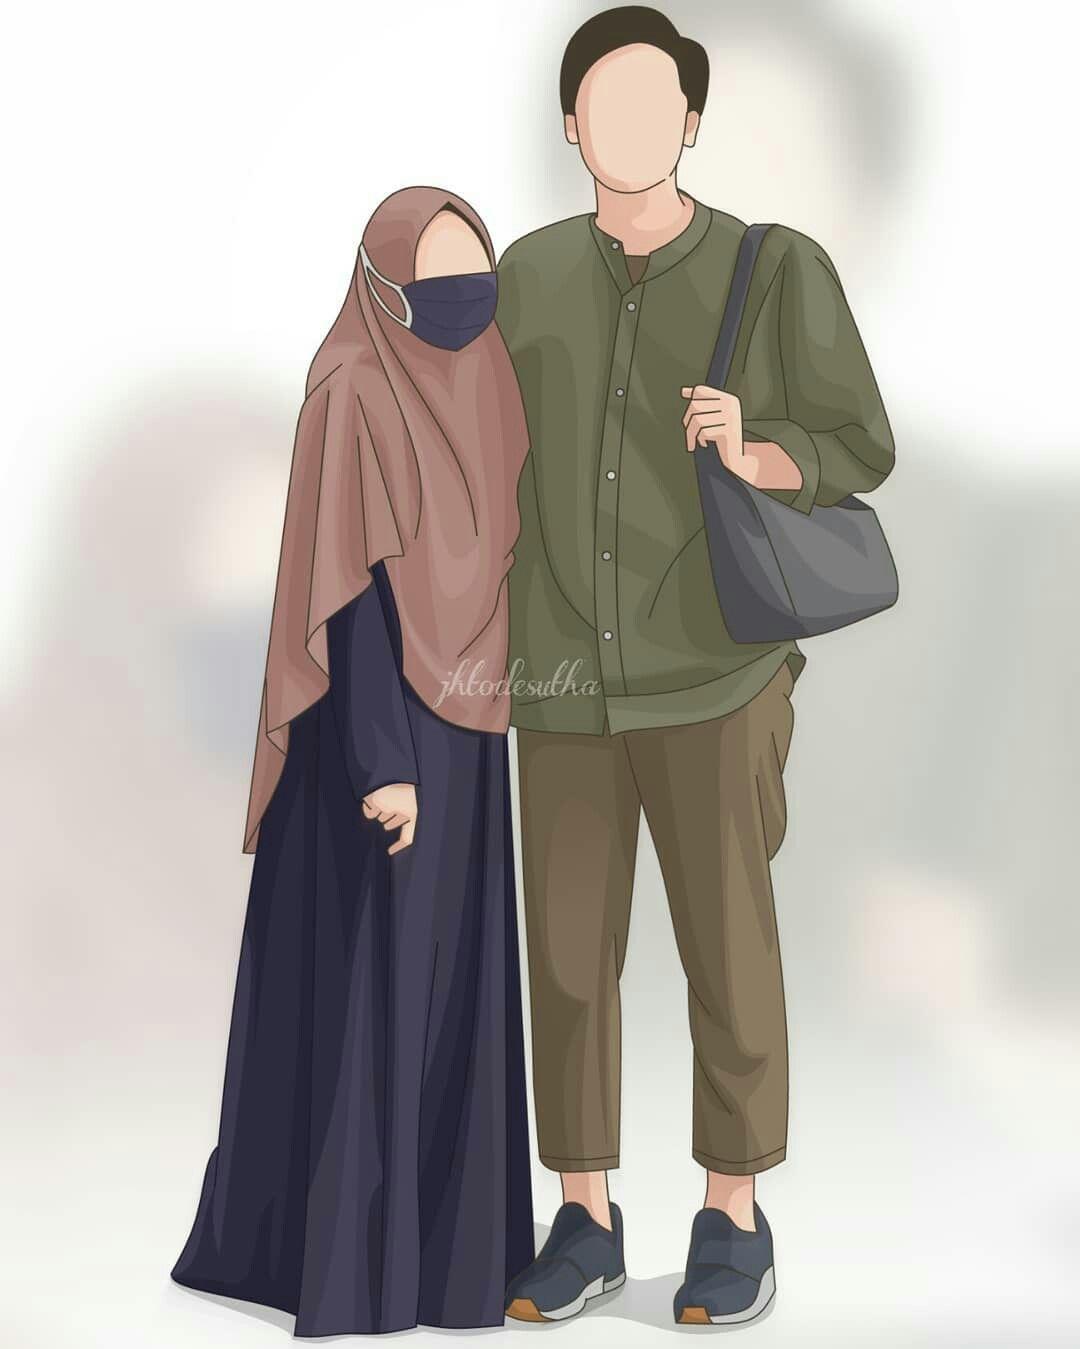 75 Best Romantic Cartoon Images